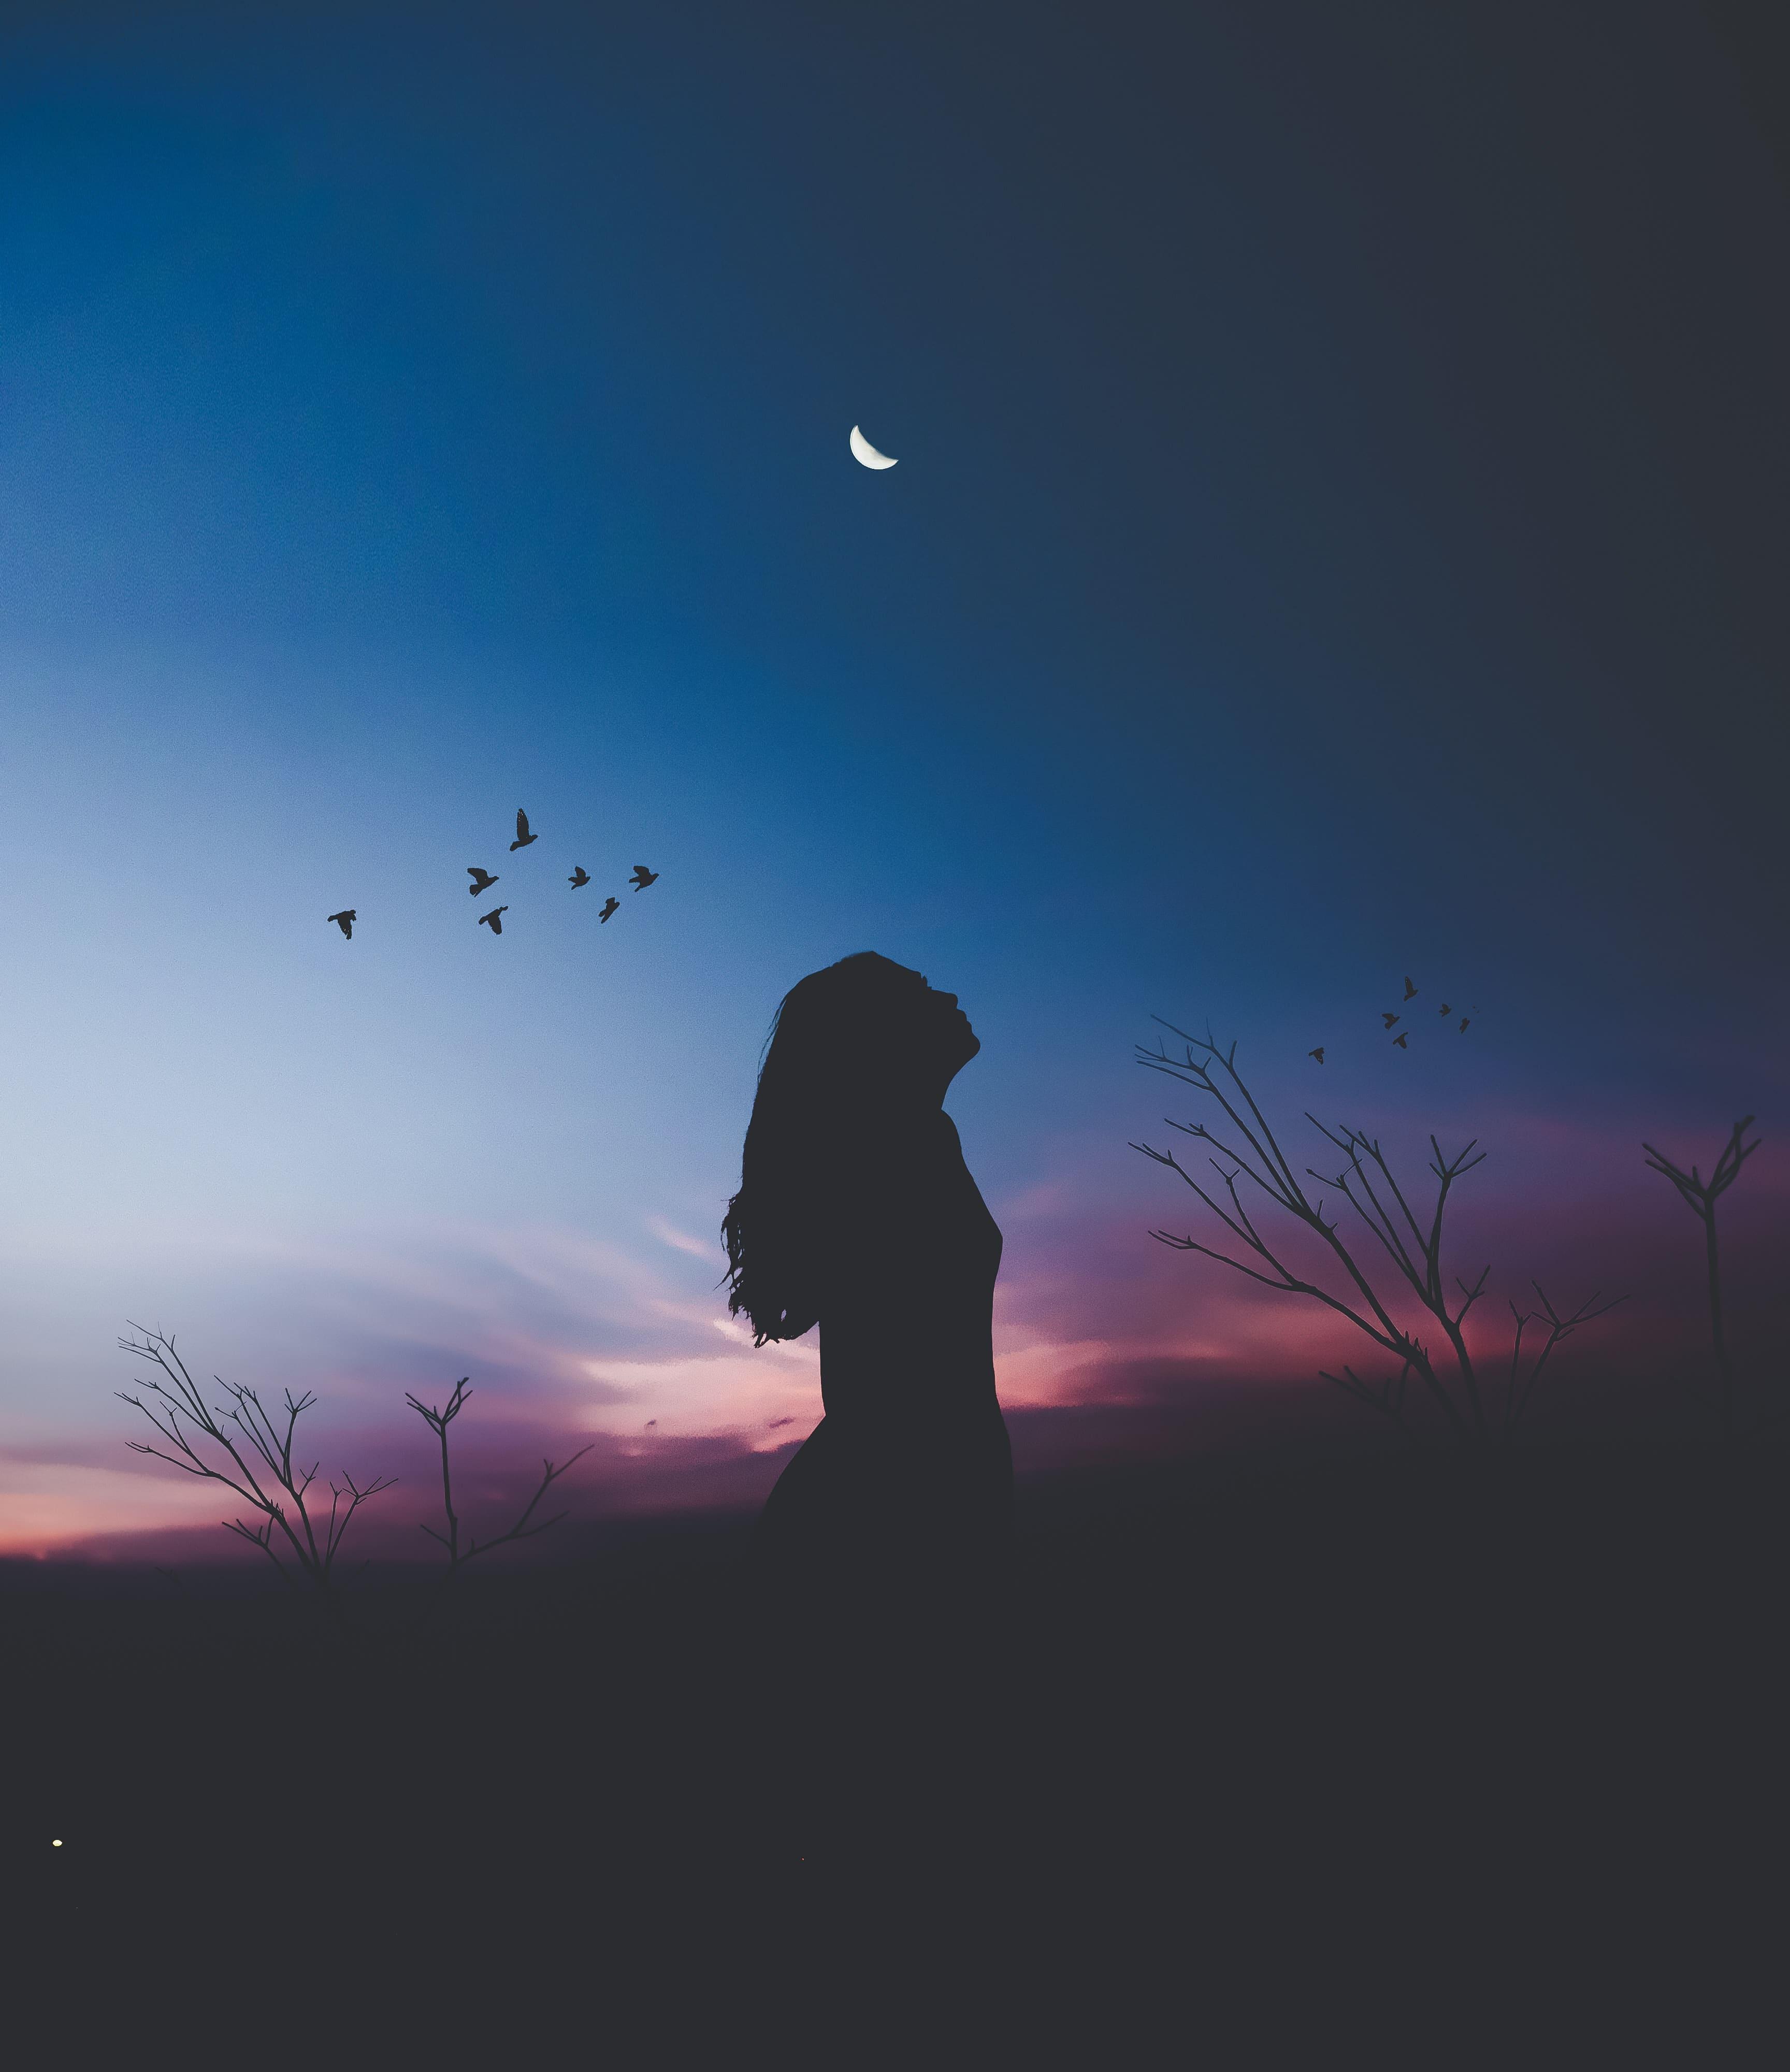 Vivre une vie guidée en toute conscience pour trouver le bonheur depuis l'intérieur